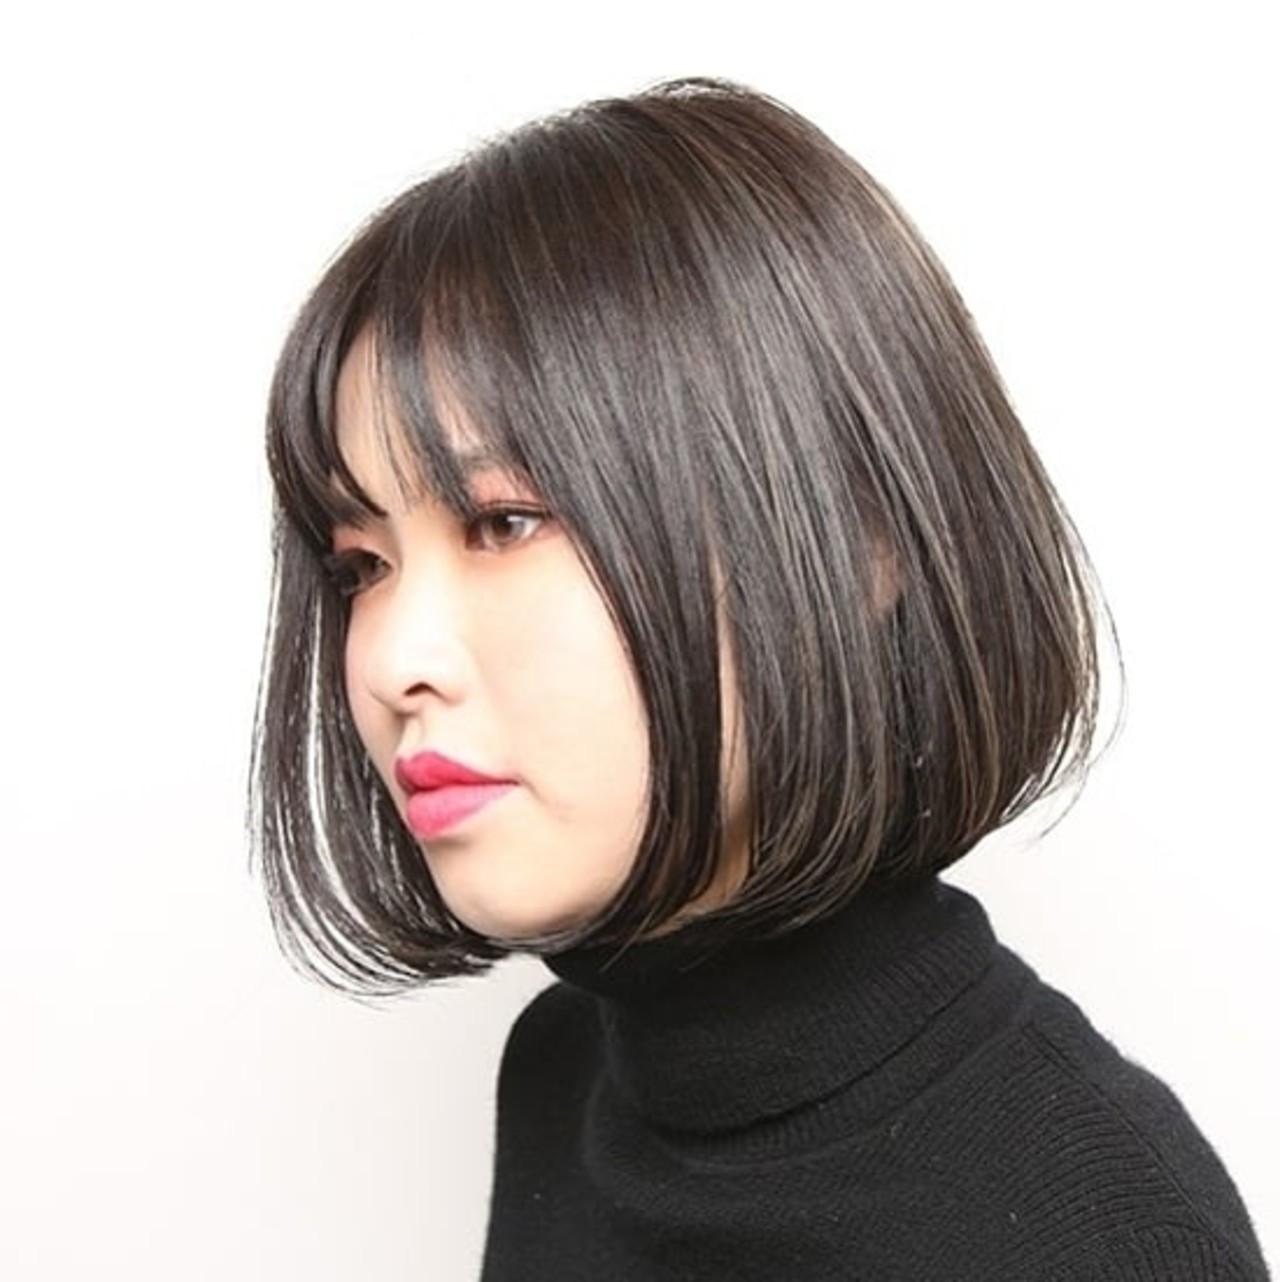 ワンレングス 似合わせカット 阿藤俊也 PEEK-A-BOO ヘアスタイルや髪型の写真・画像